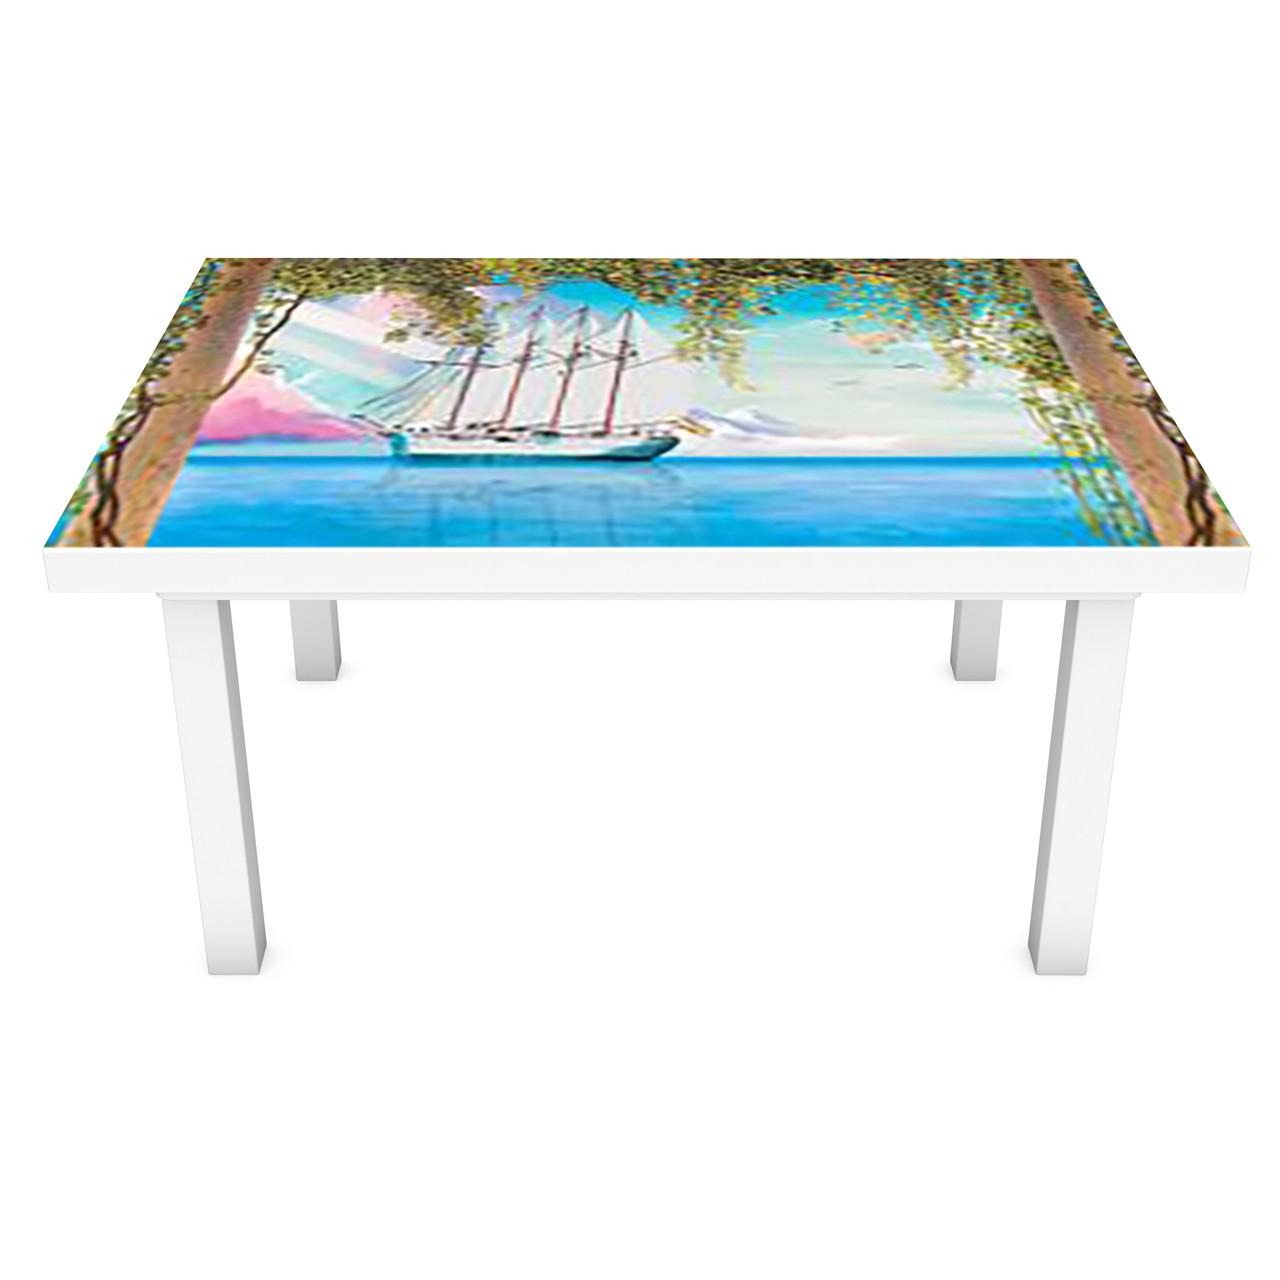 Наклейка на стол Нарисованные Корабли (3Д виниловая пленка 3Д) колонны Море Голубой 600*1200 мм